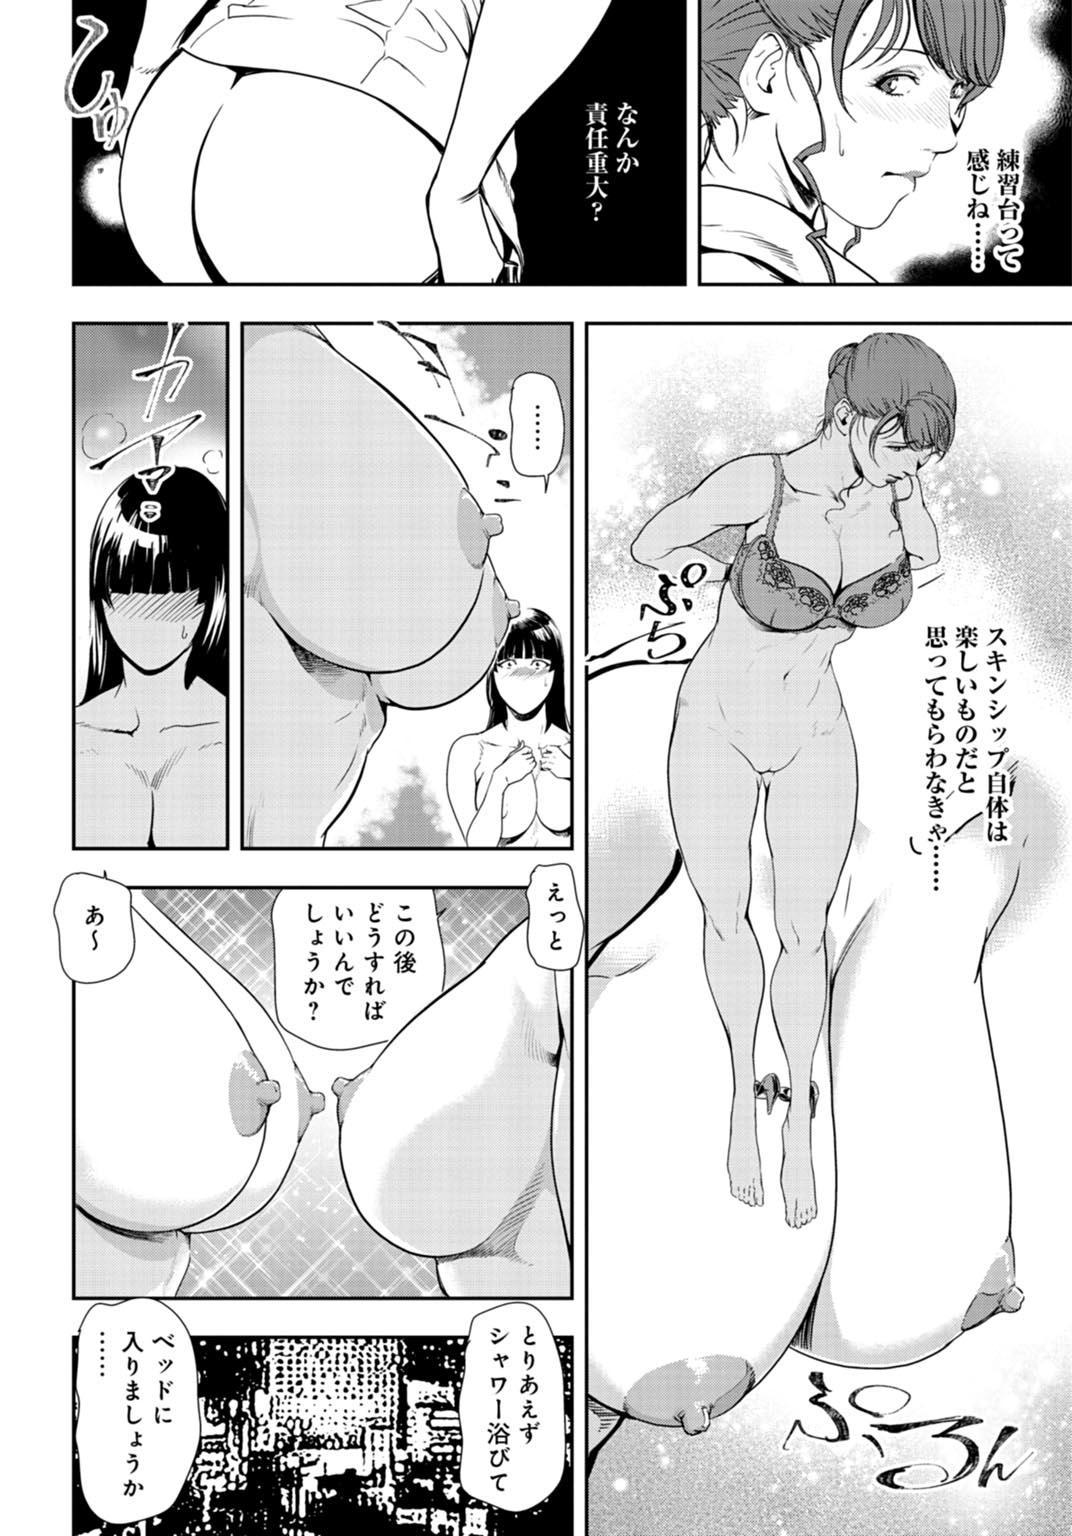 Nikuhisyo Yukiko 26 40